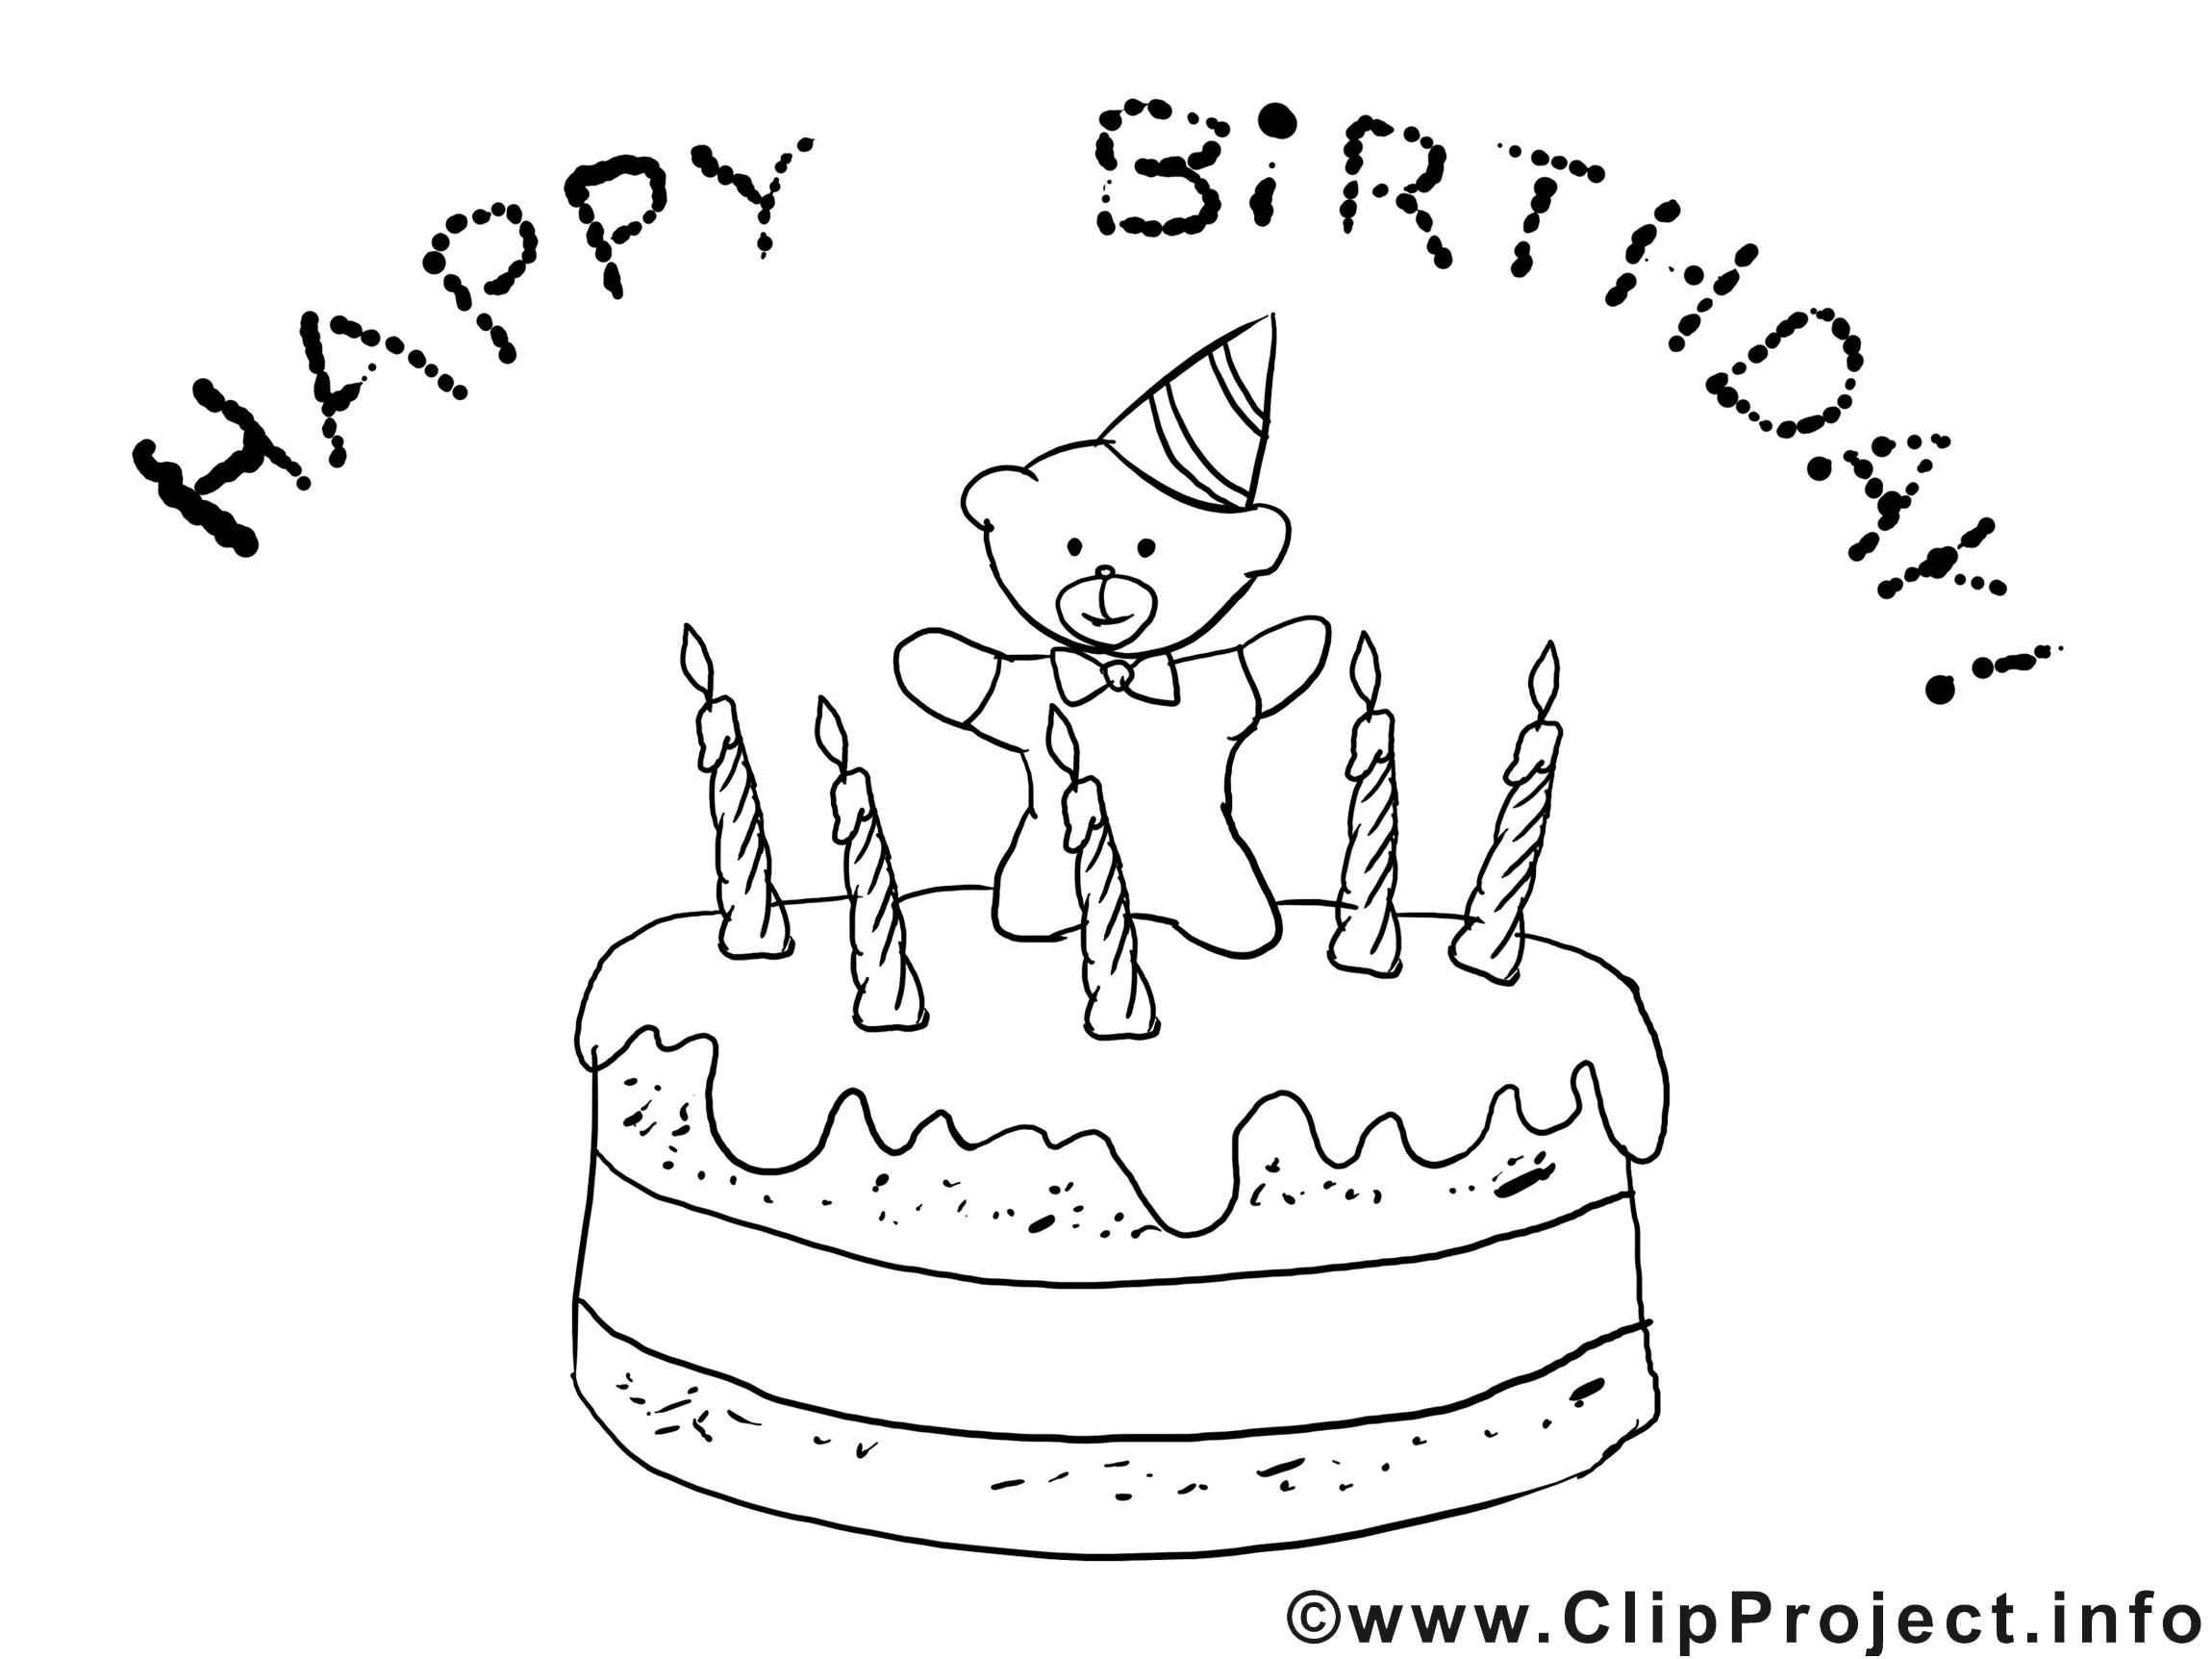 Geburtstagsbilder Zum Ausmalen  Ausmalbild Torte zum Geburtstag